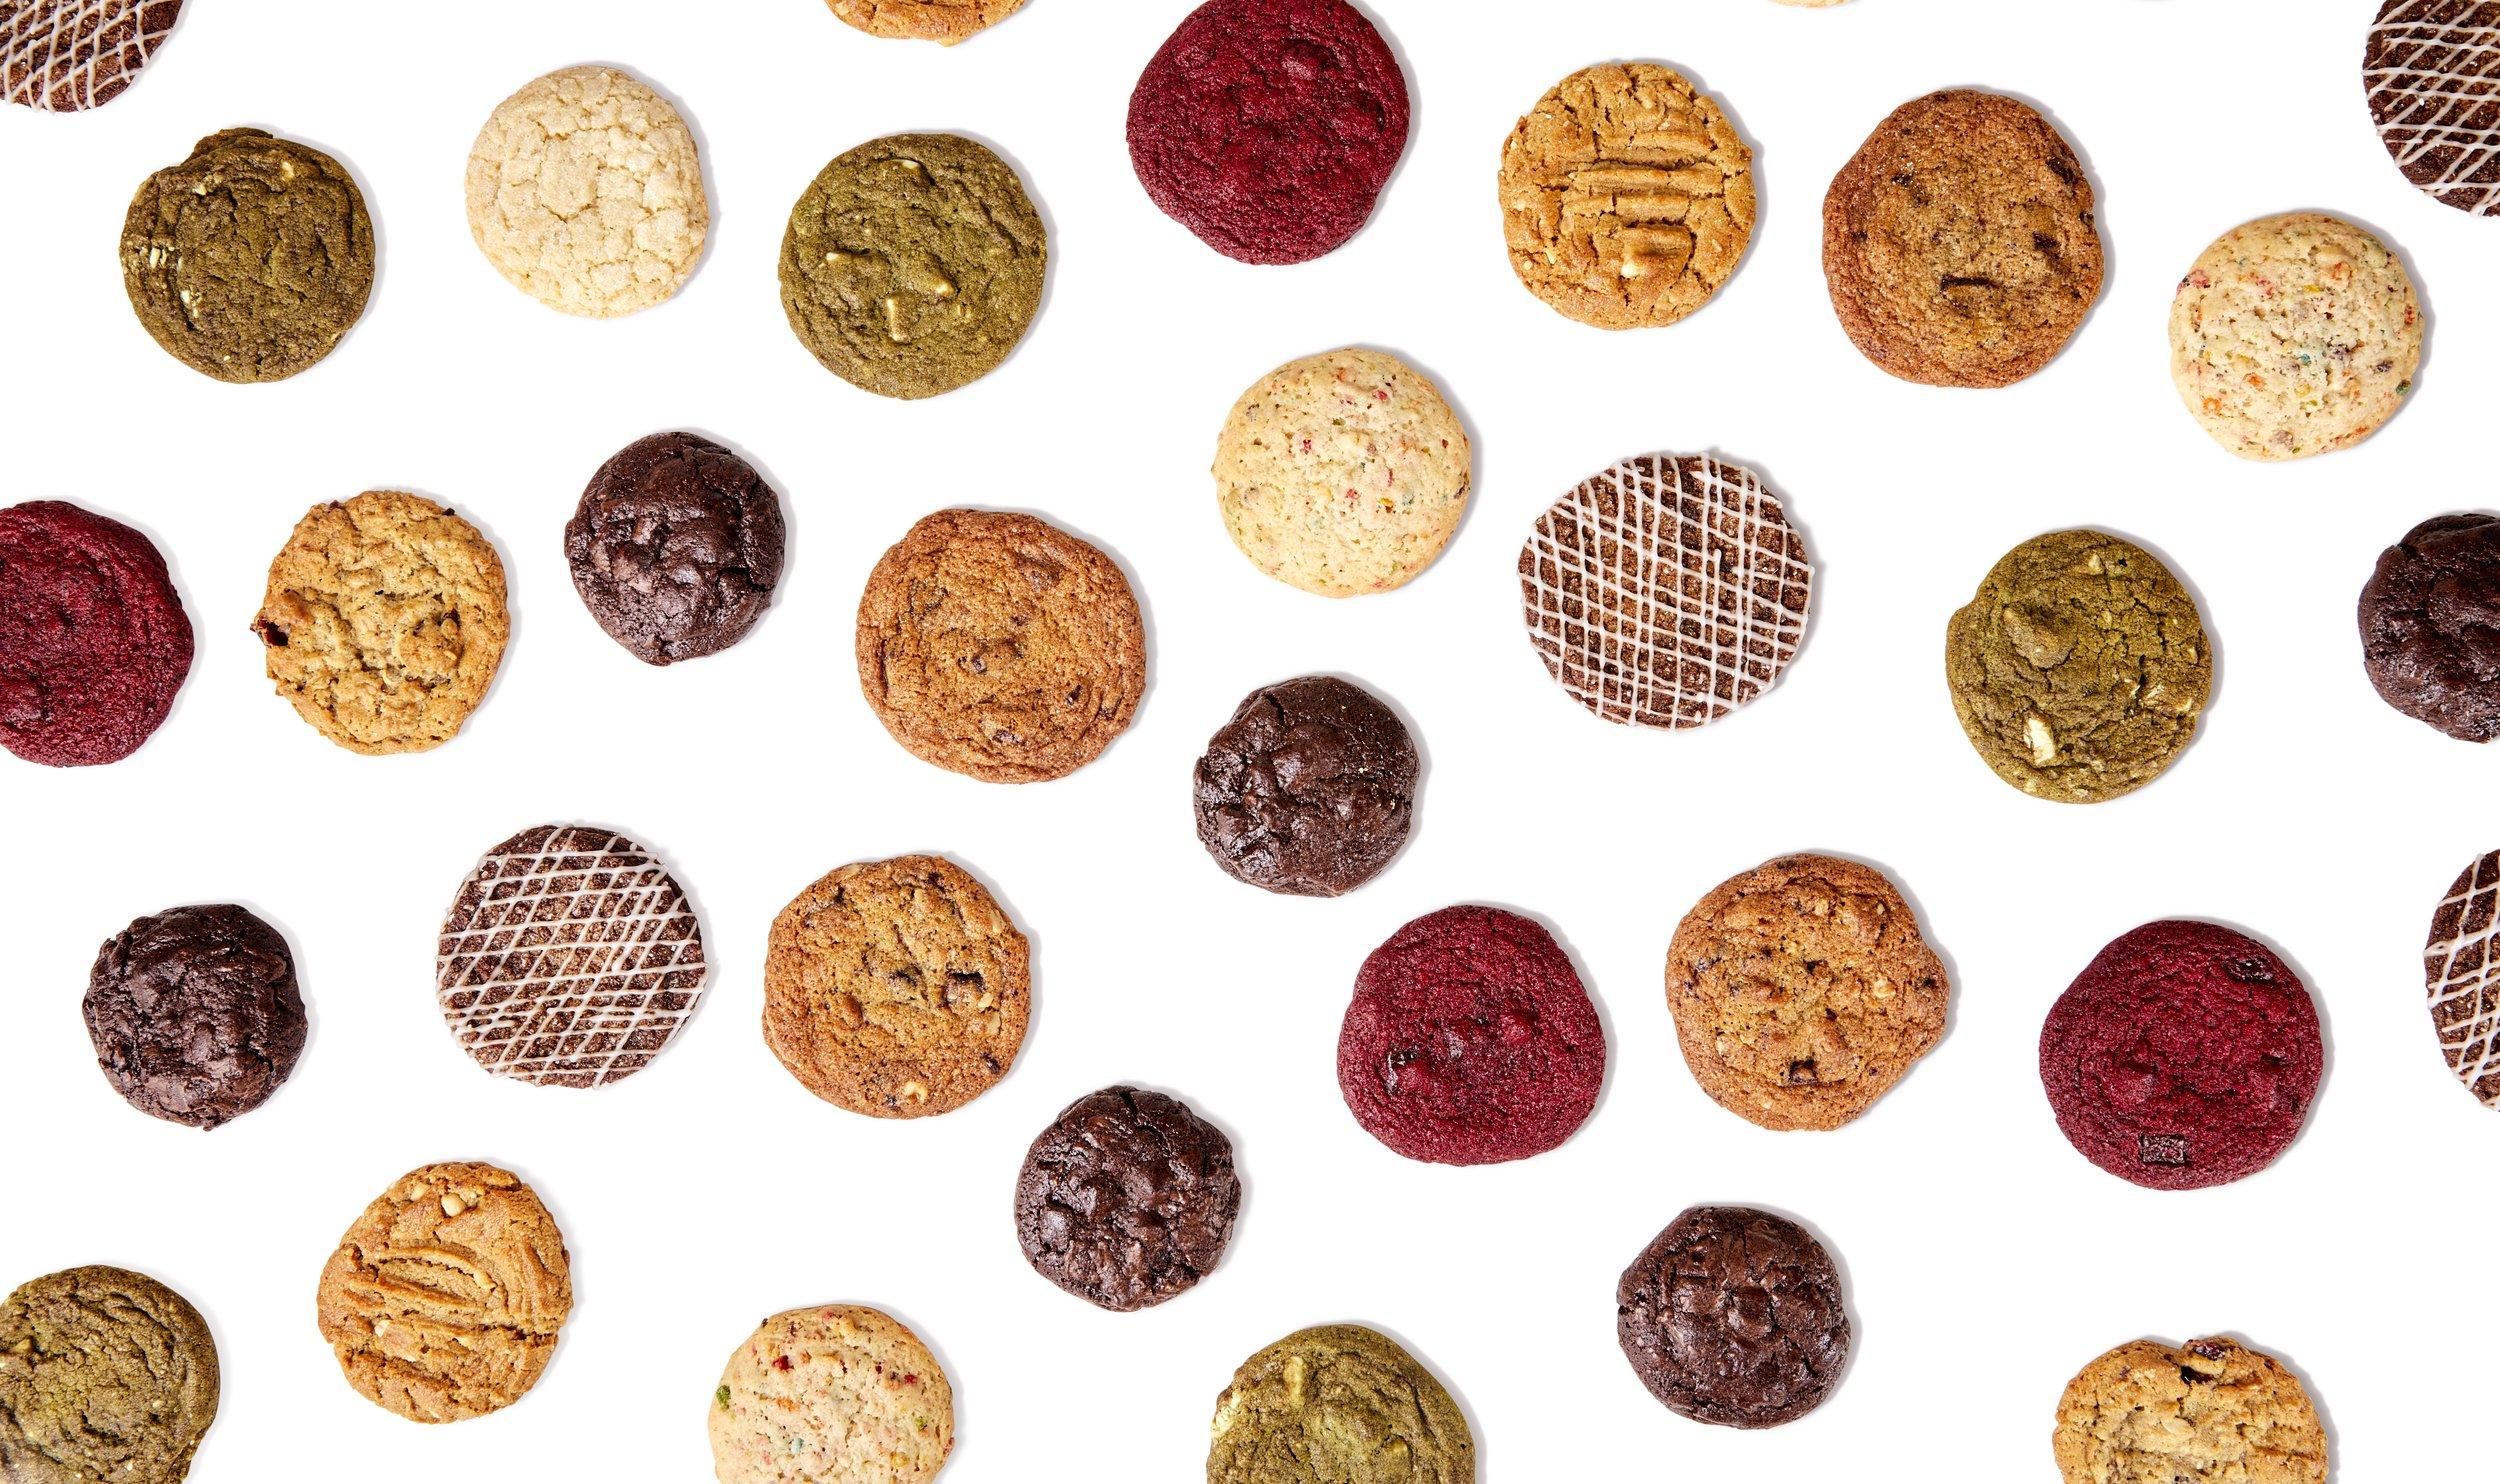 MILK_Cookies_Group_1029 copy 3.jpg